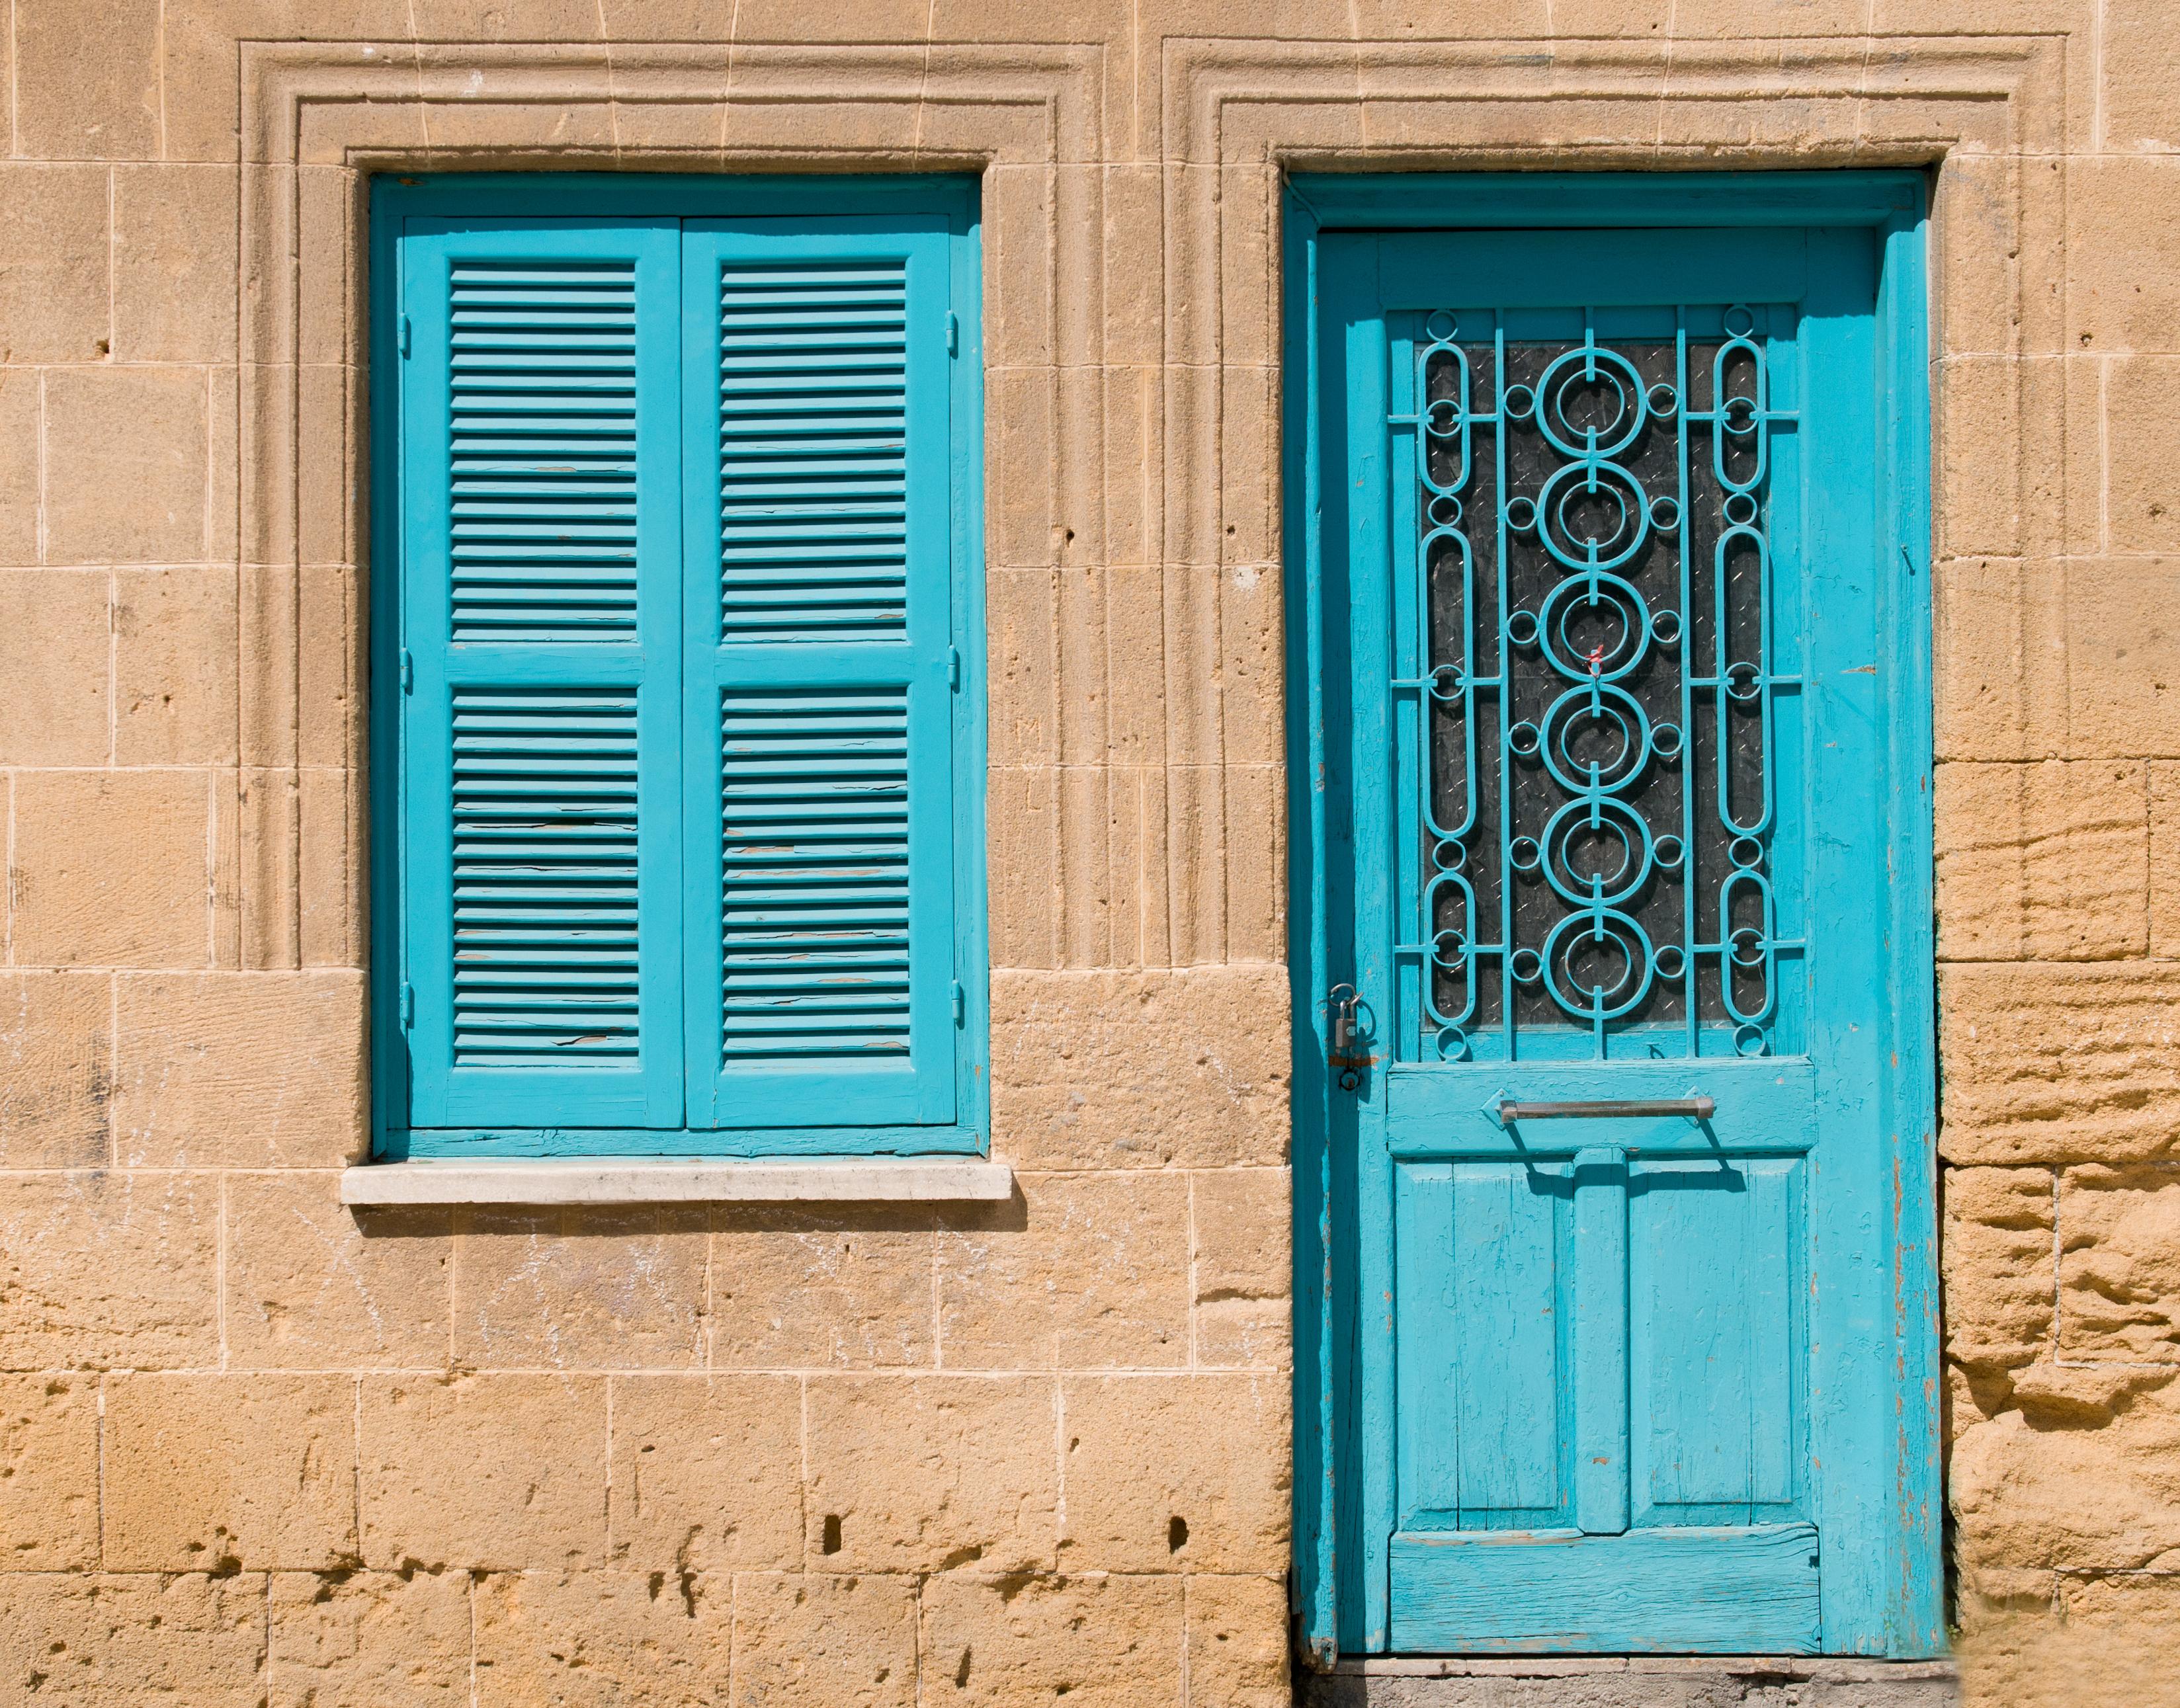 ραντεβού με τη Δυτική πέτρα site γνωριμιών στη Μάλτα